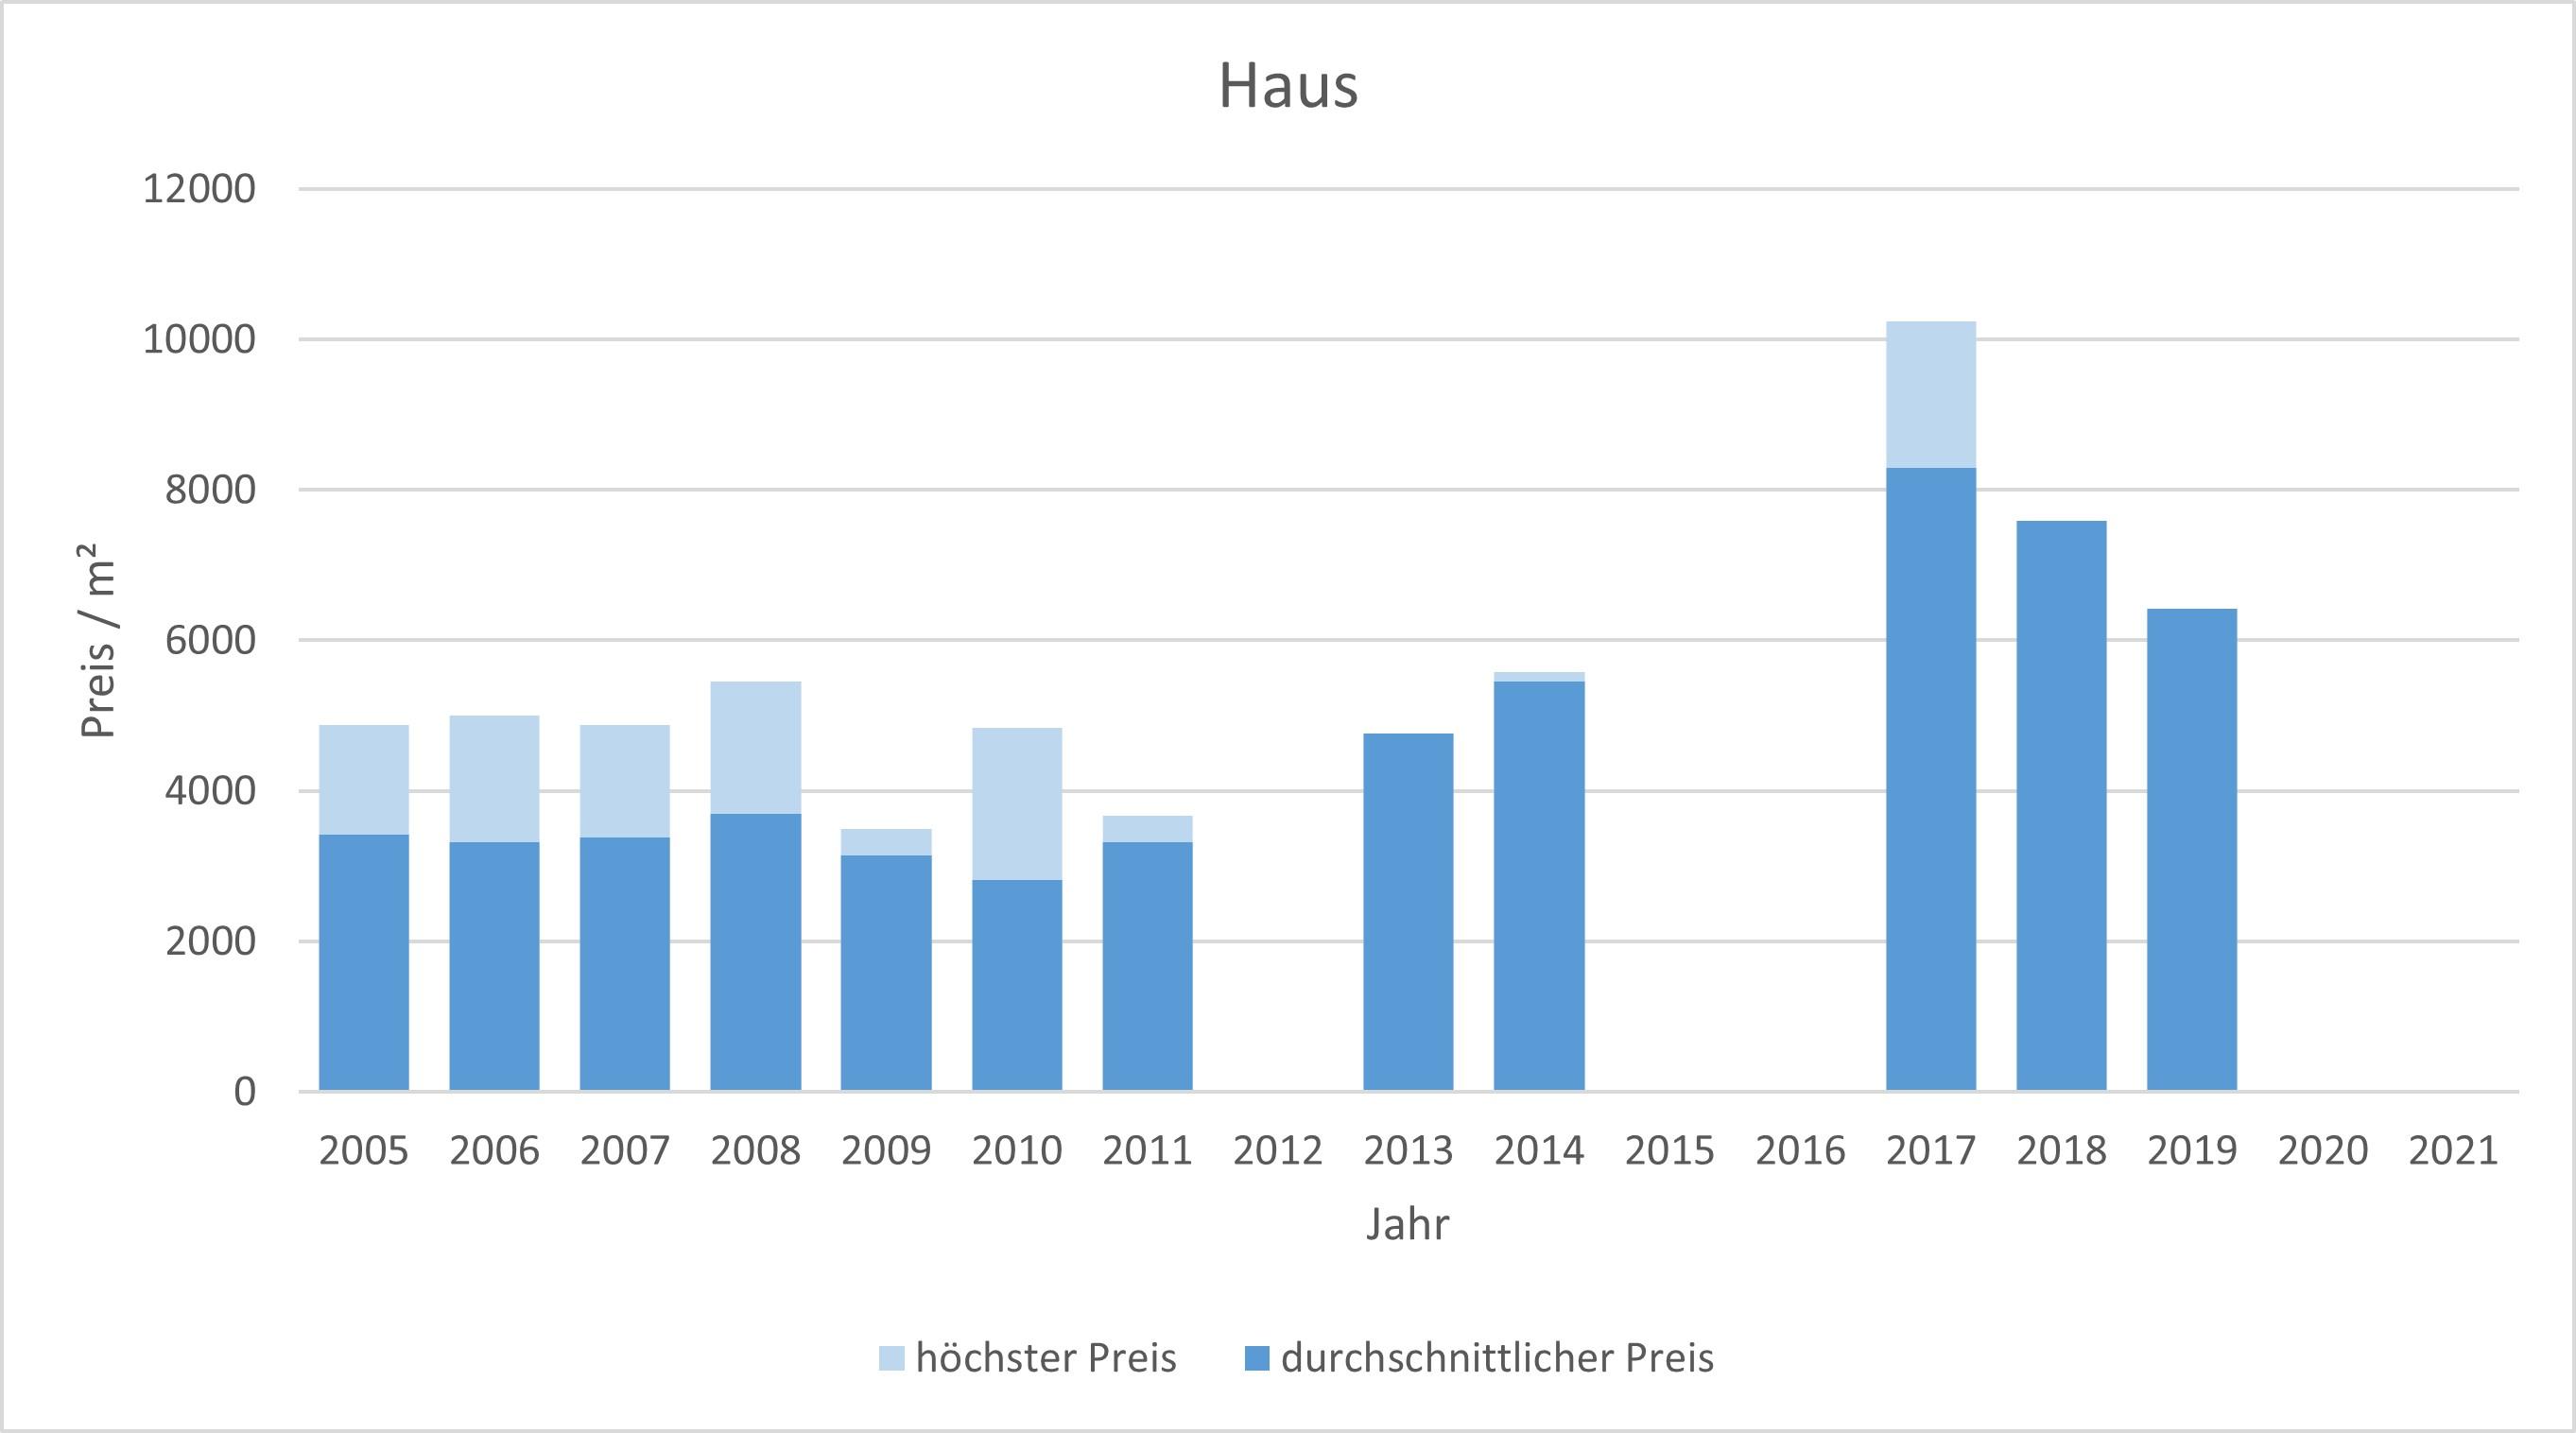 München - Giesing Haus kaufen verkaufen Preis Bewertung Makler www.happy-immo.de 2019 2020 2021